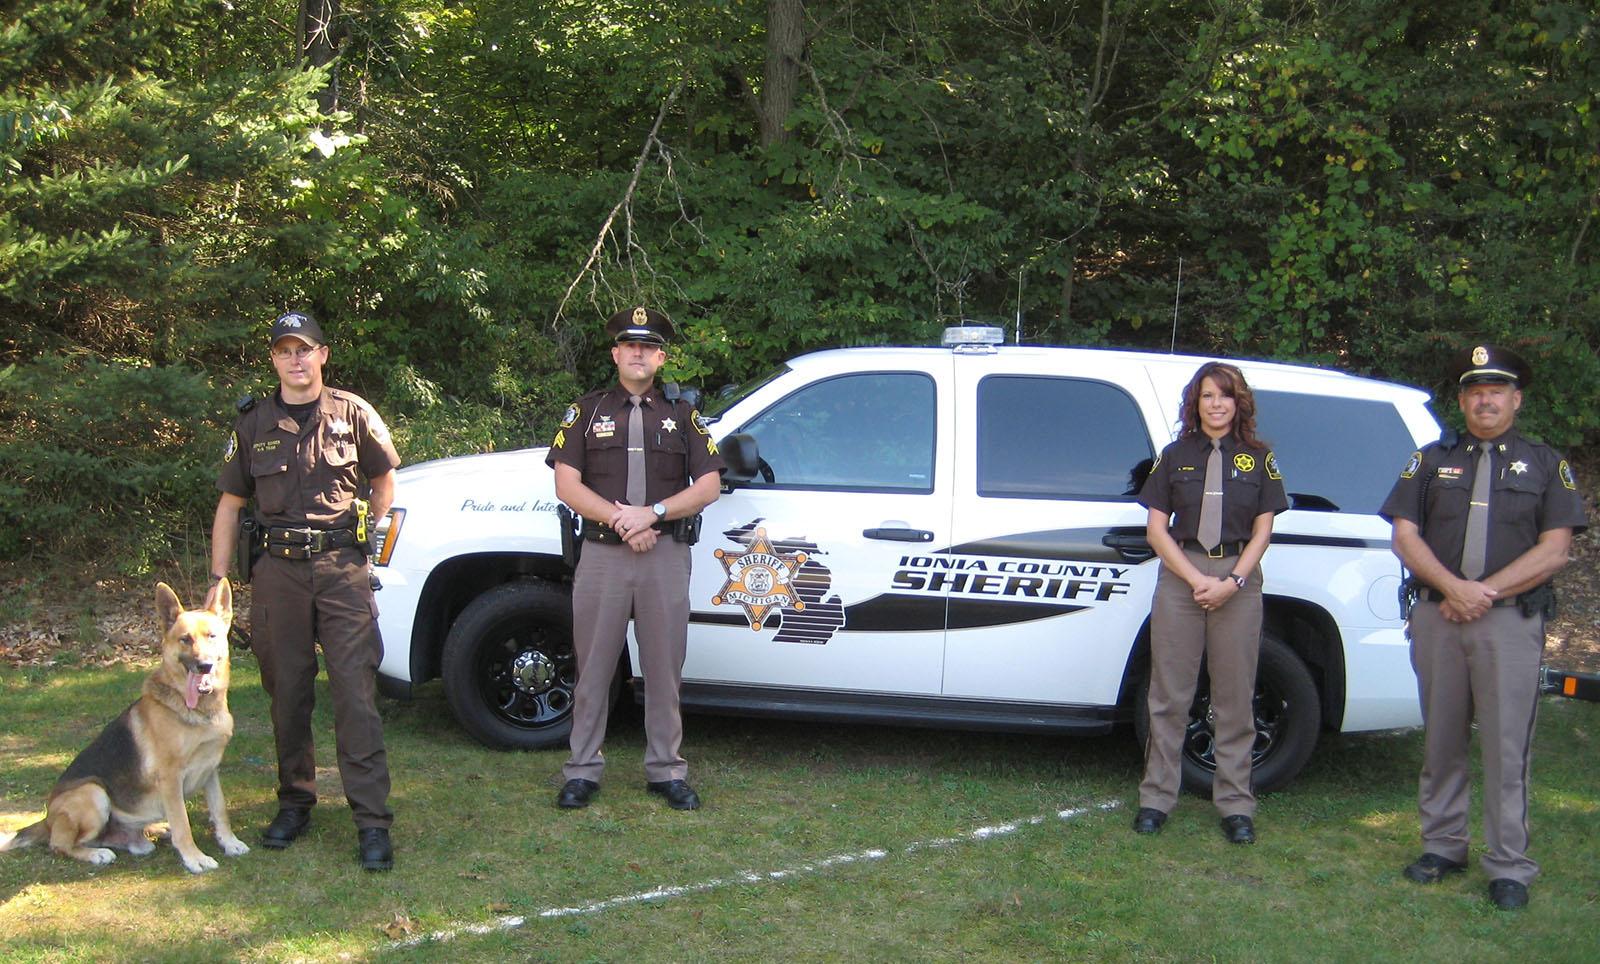 Sheriff Staff